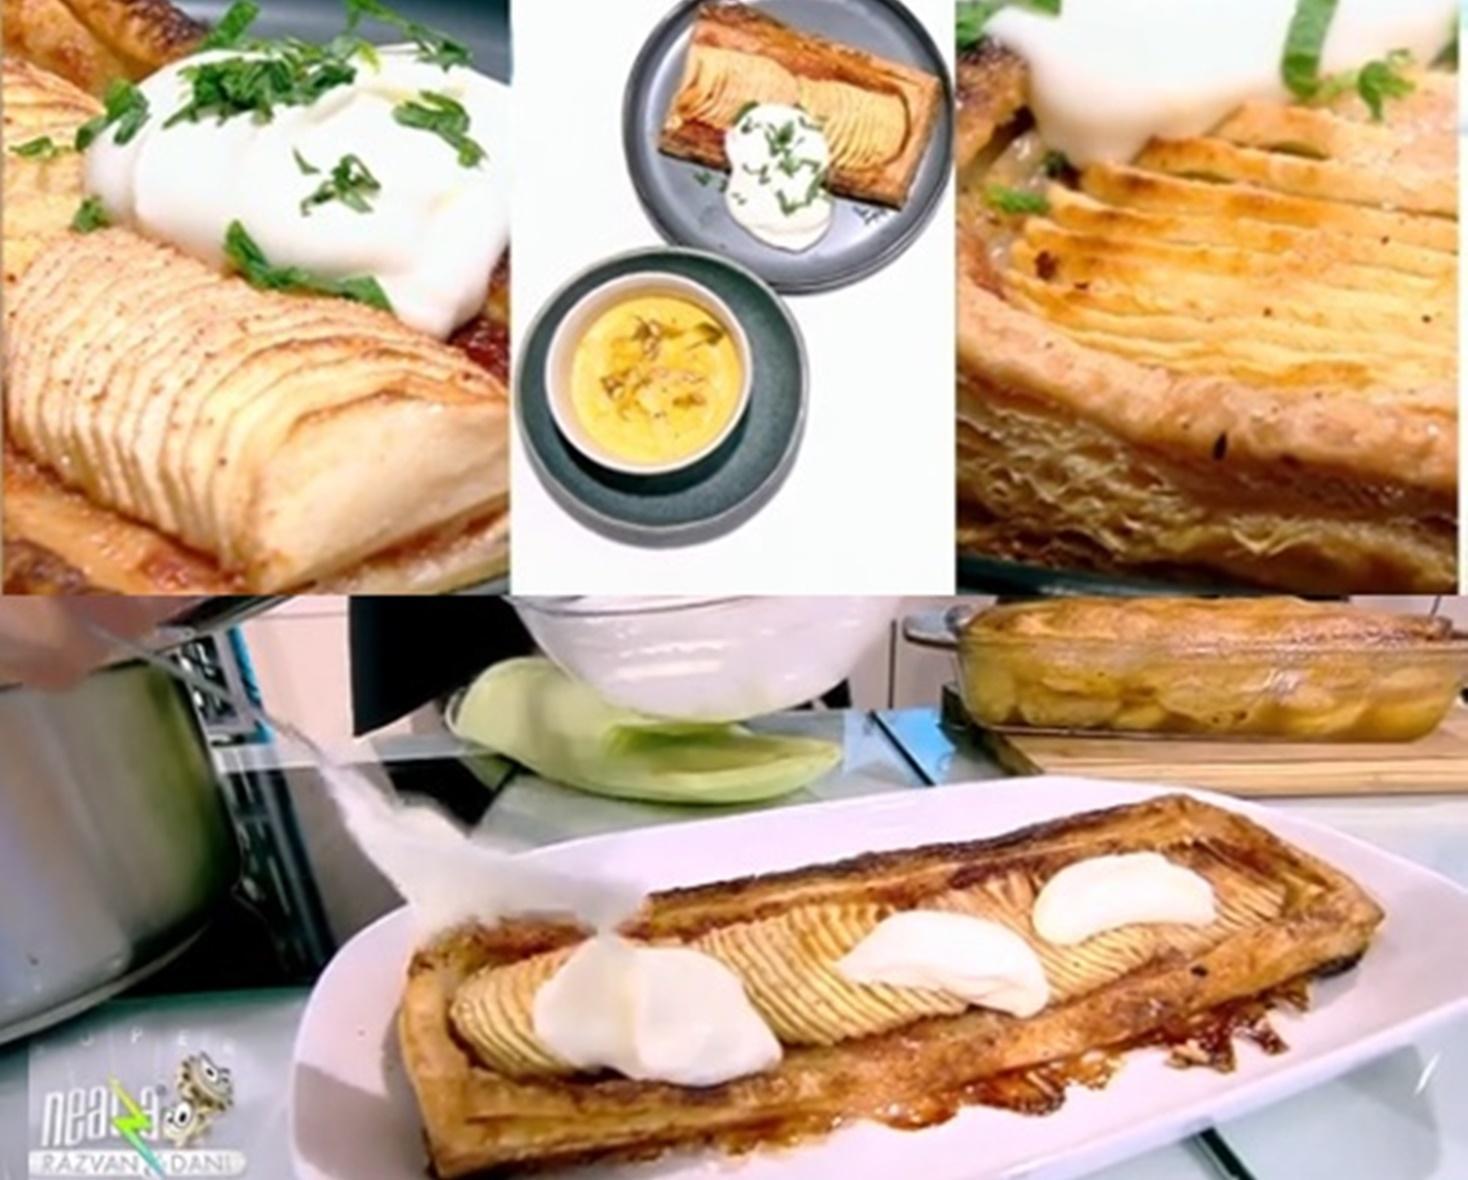 Rețete de tarte cu mere, gătite de chef Nicolai Tand la Neatza cu Răzvan și Dani